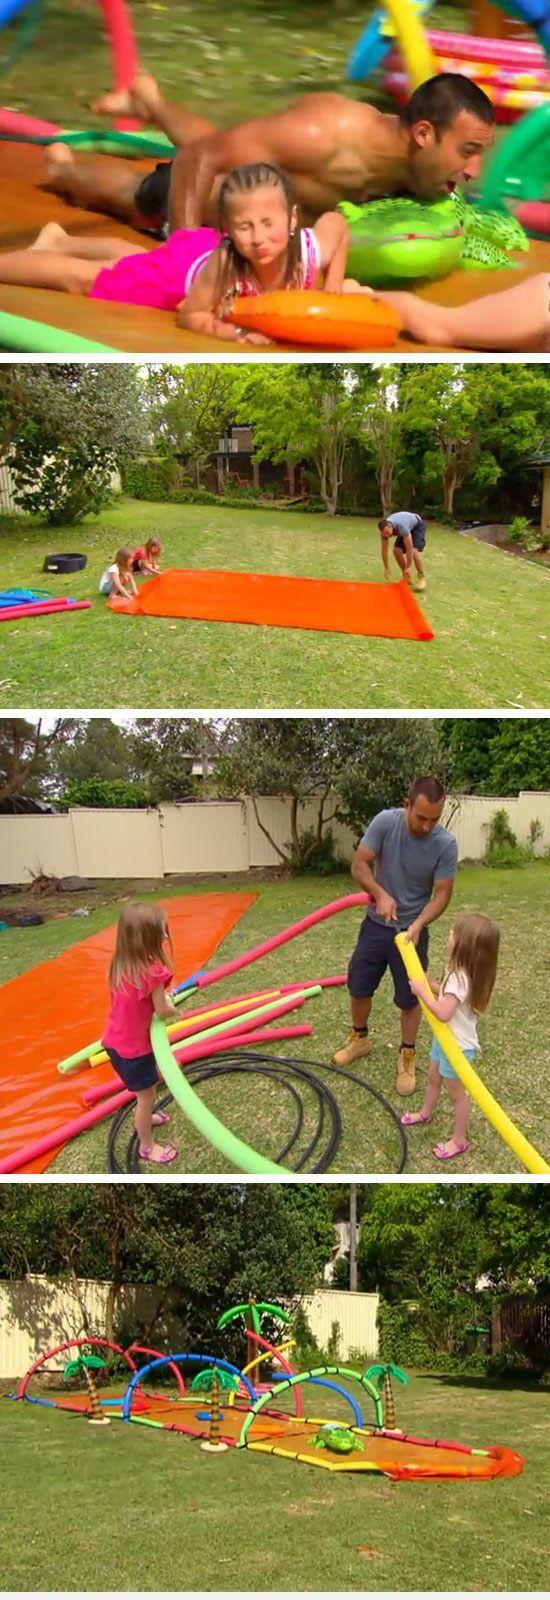 DIY Water Slide | 16 DIY Summer Activities for Kids Outside | Fun Summer Ideas for Kids Outside Games